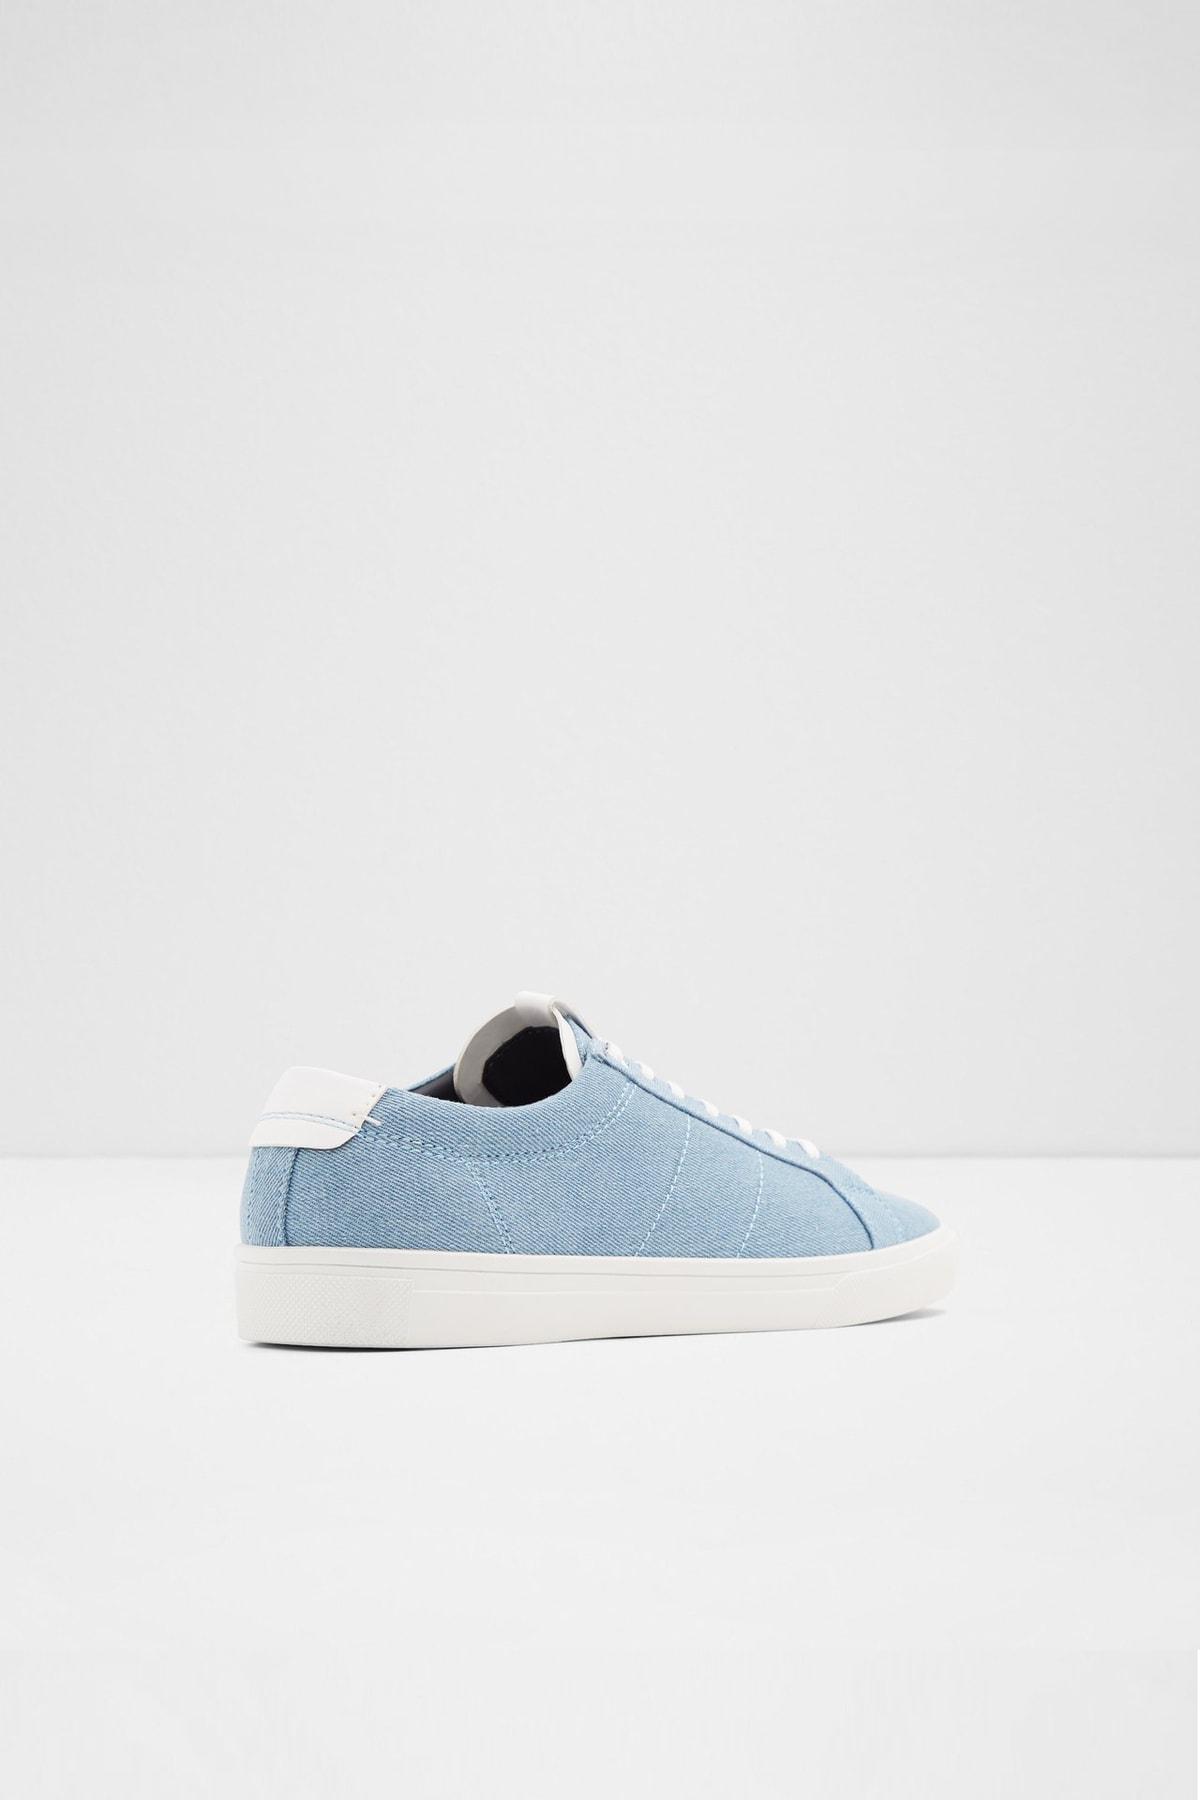 Aldo Karlo - Mavi Erkek Sneaker 2